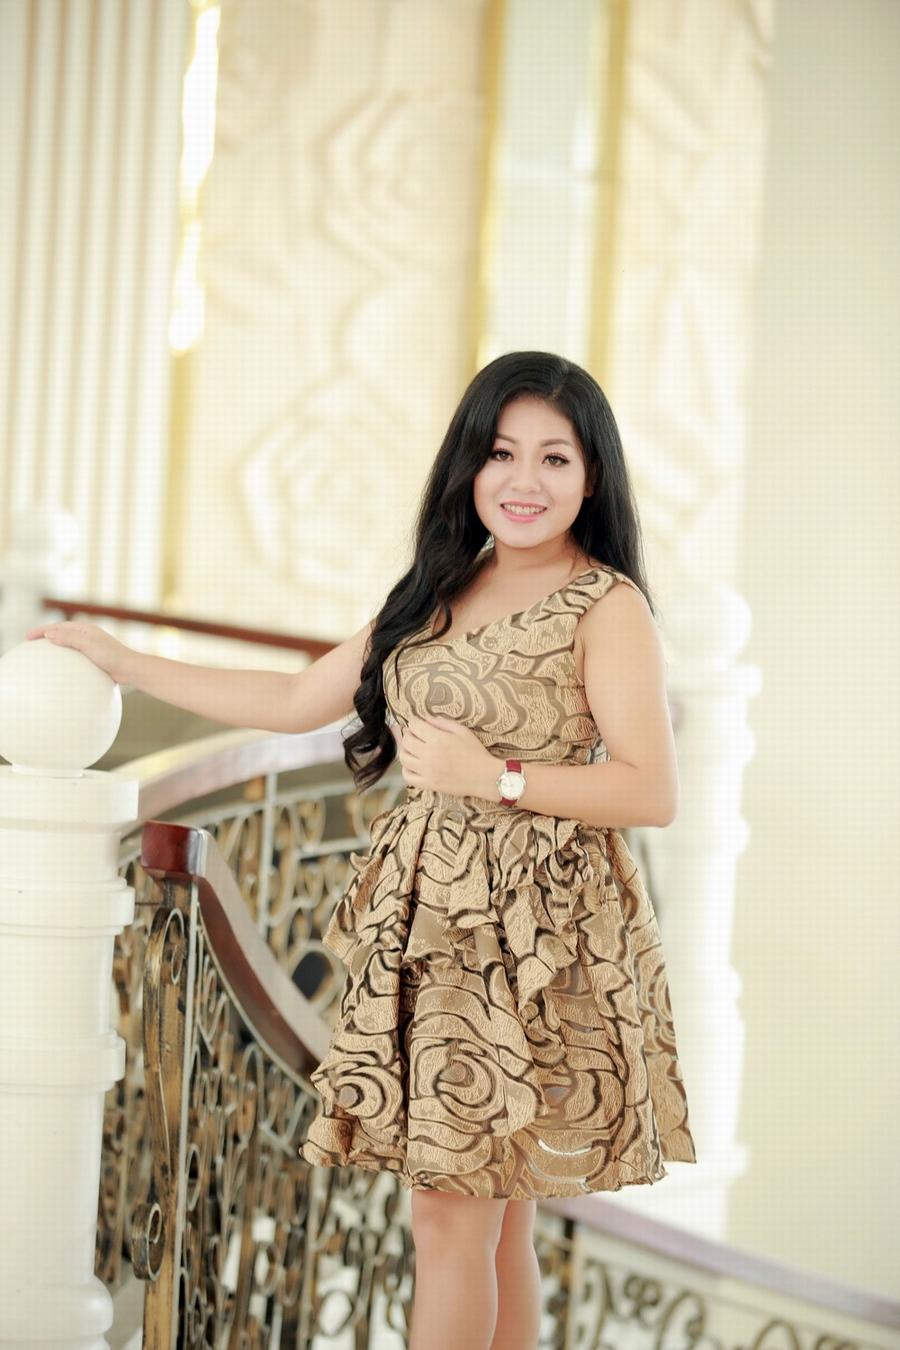 Giải trí - Ca sĩ Anh Thơ mặc váy đính 100 viên kim cương trong liveshow mới (Hình 12).